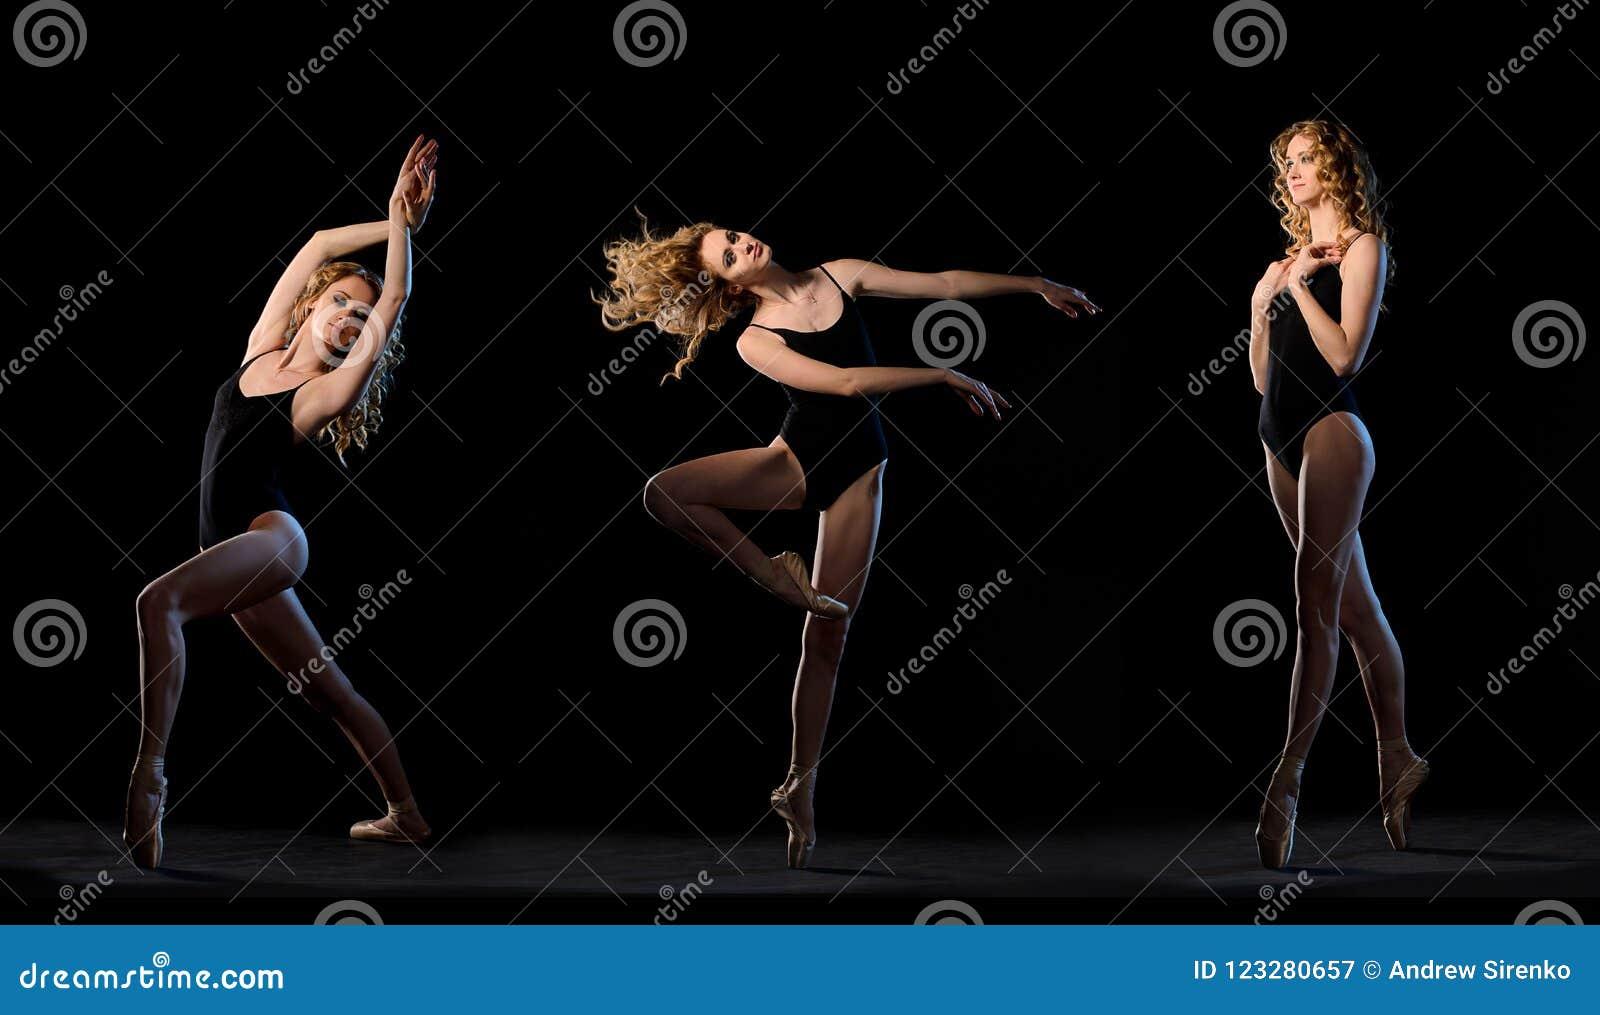 Balletdanser in motie